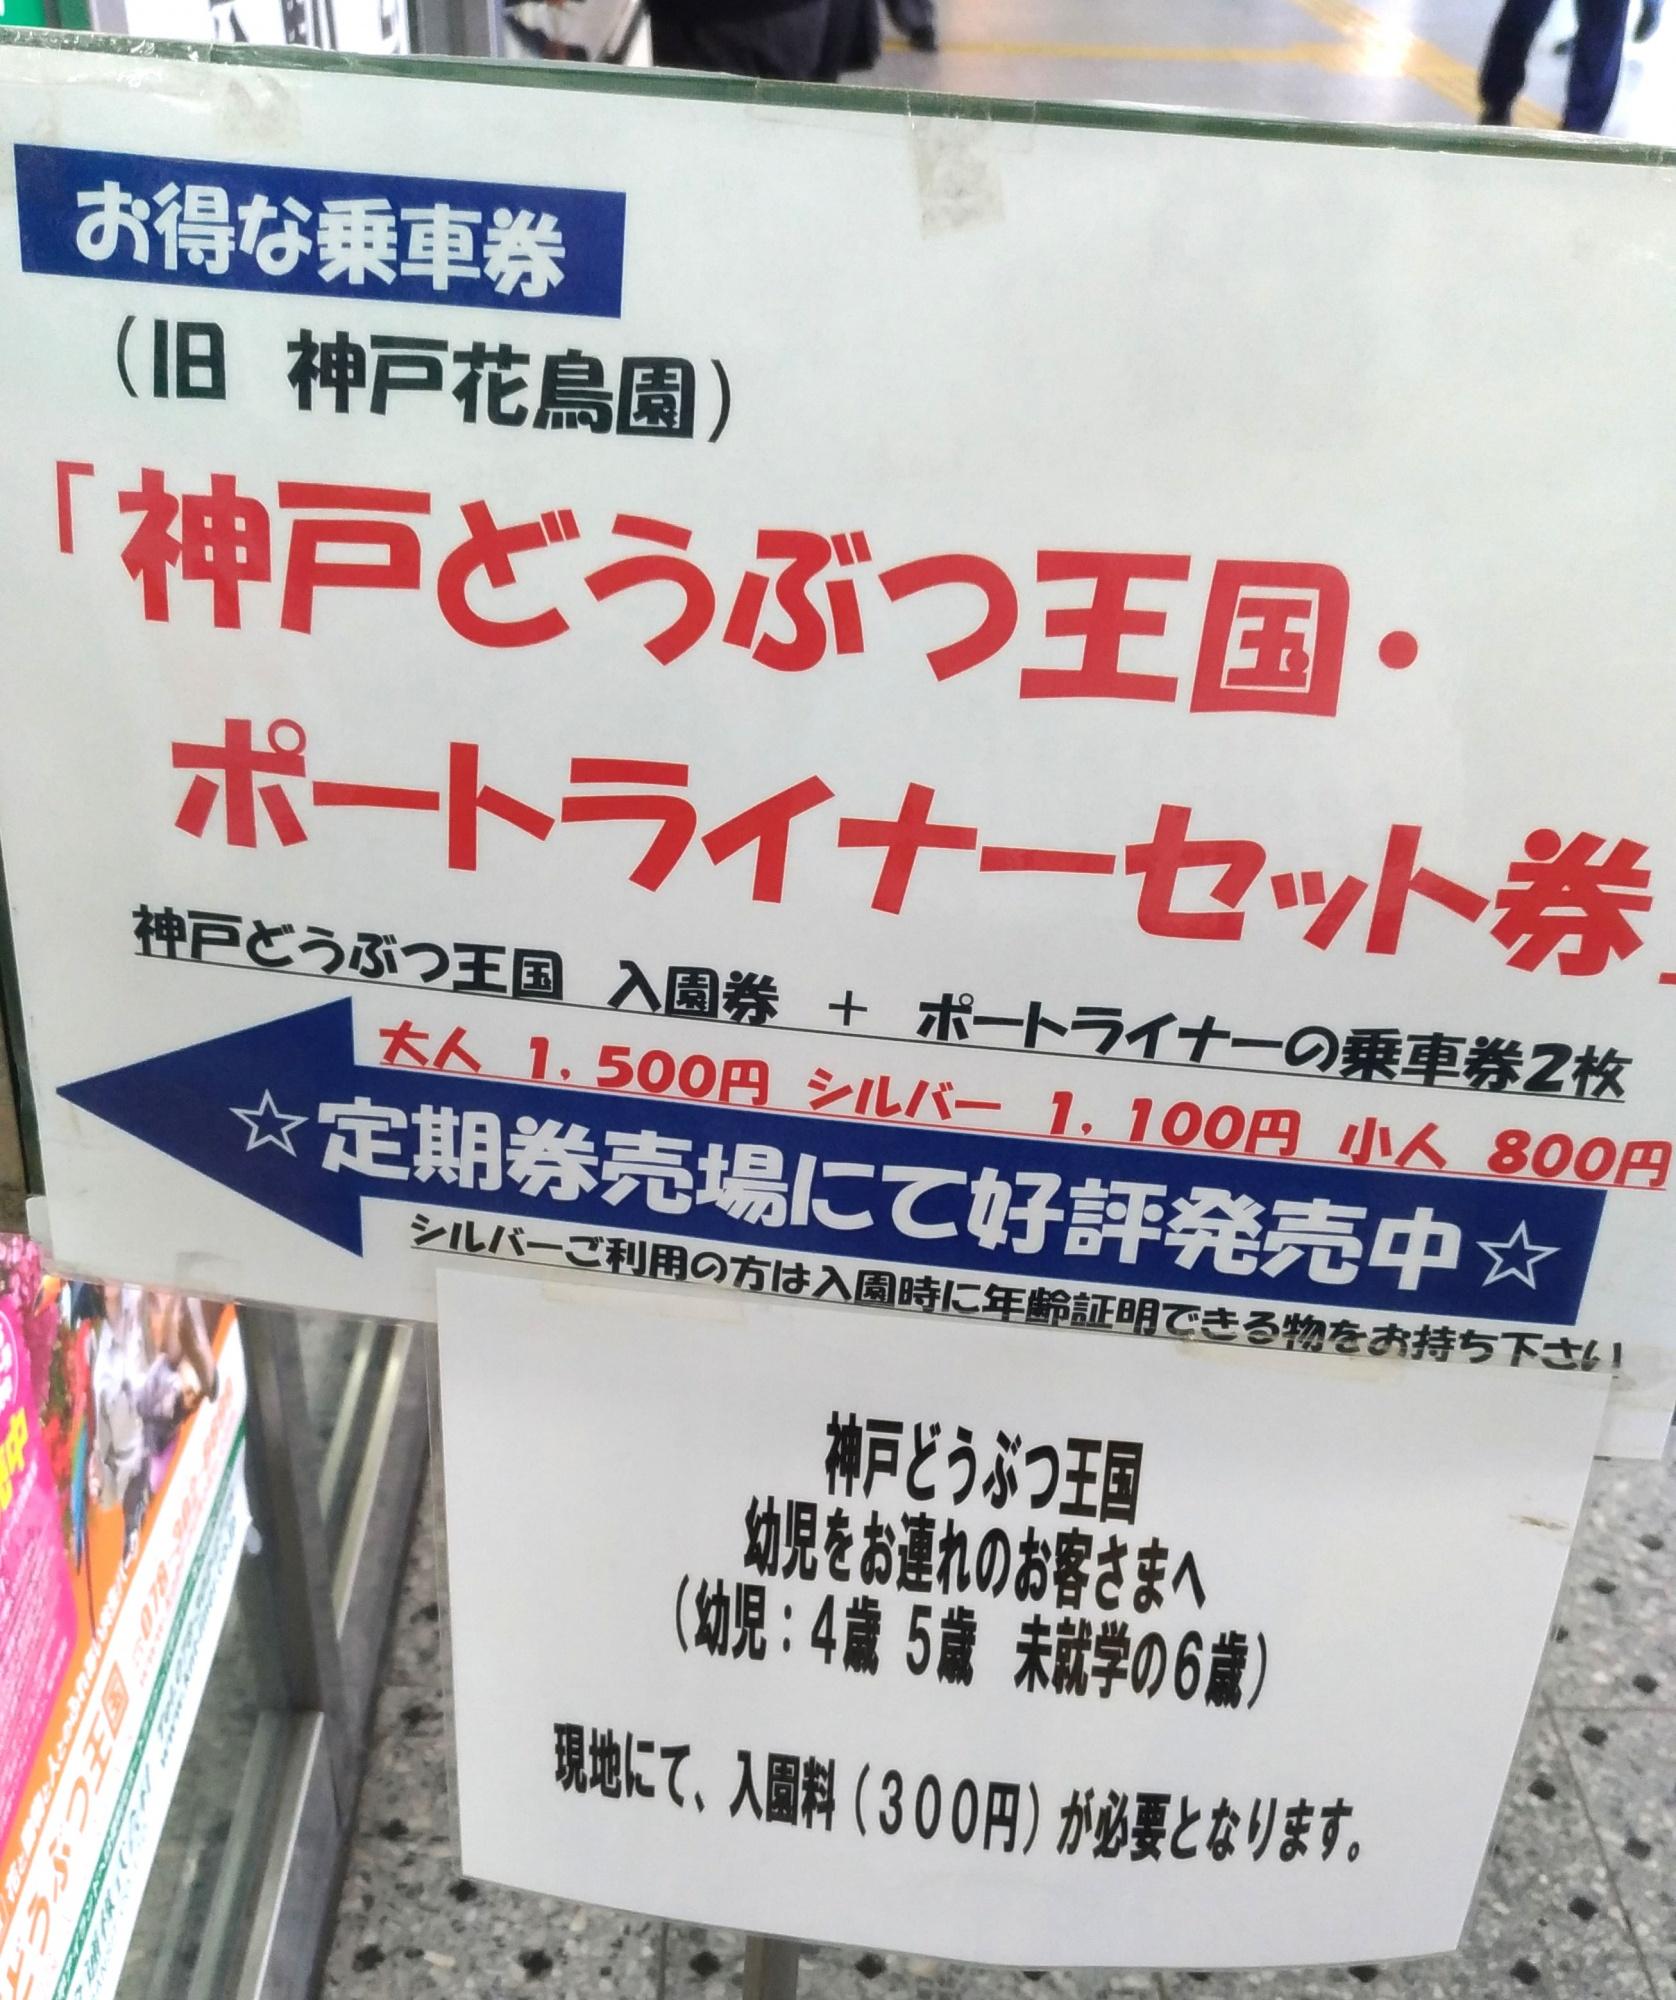 神戸どうぶつ王国・ポートライナーセット券